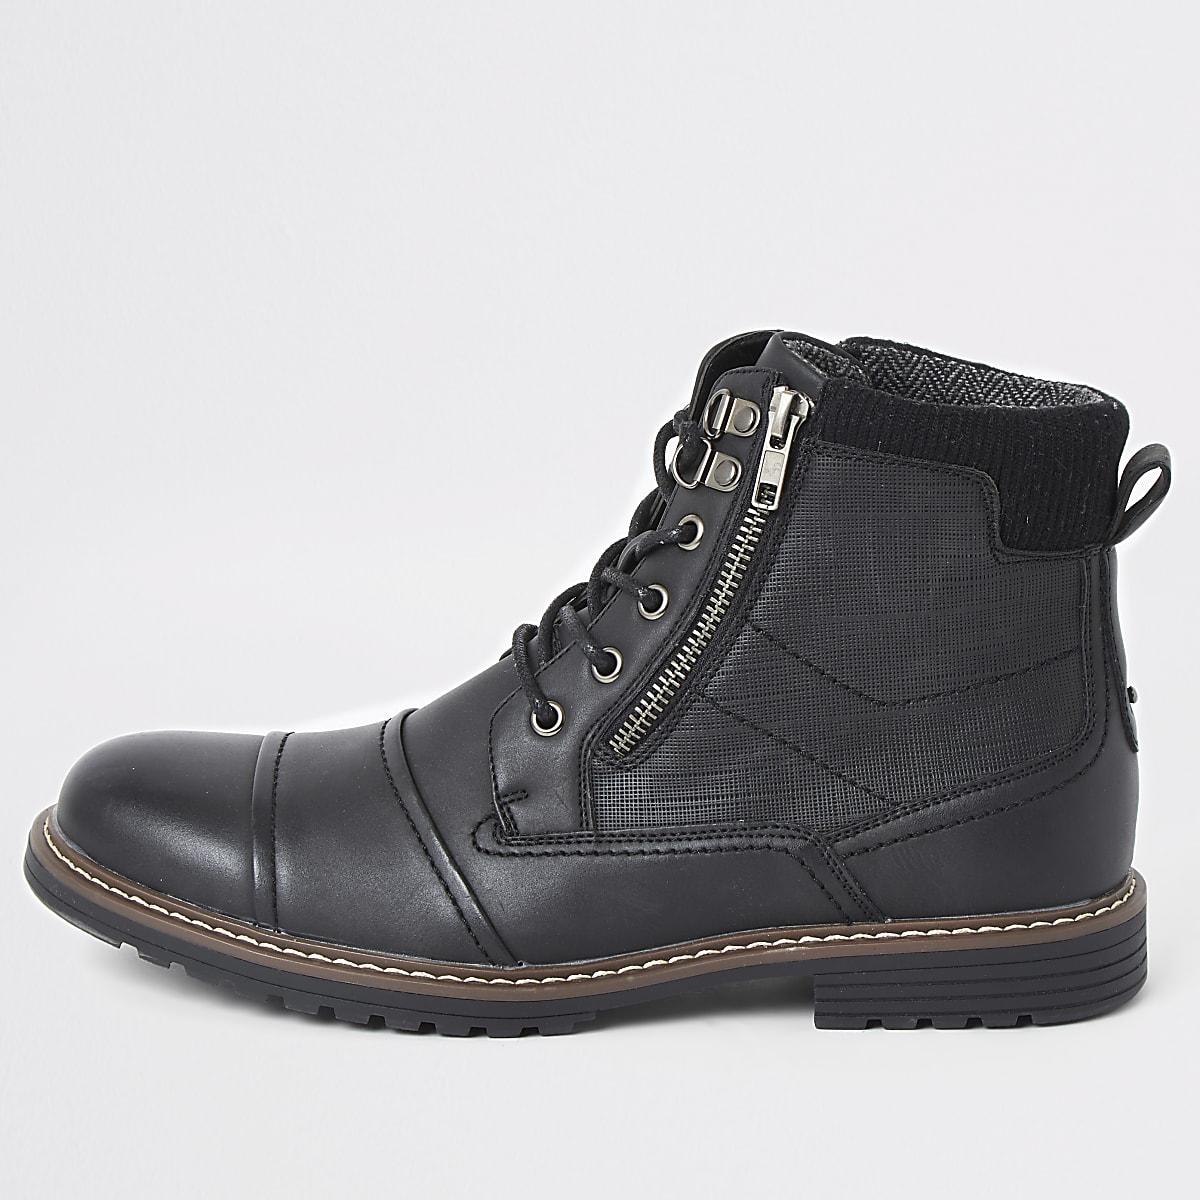 Zwarte schoenen in legerlook met twee ritsen en vetersluiting